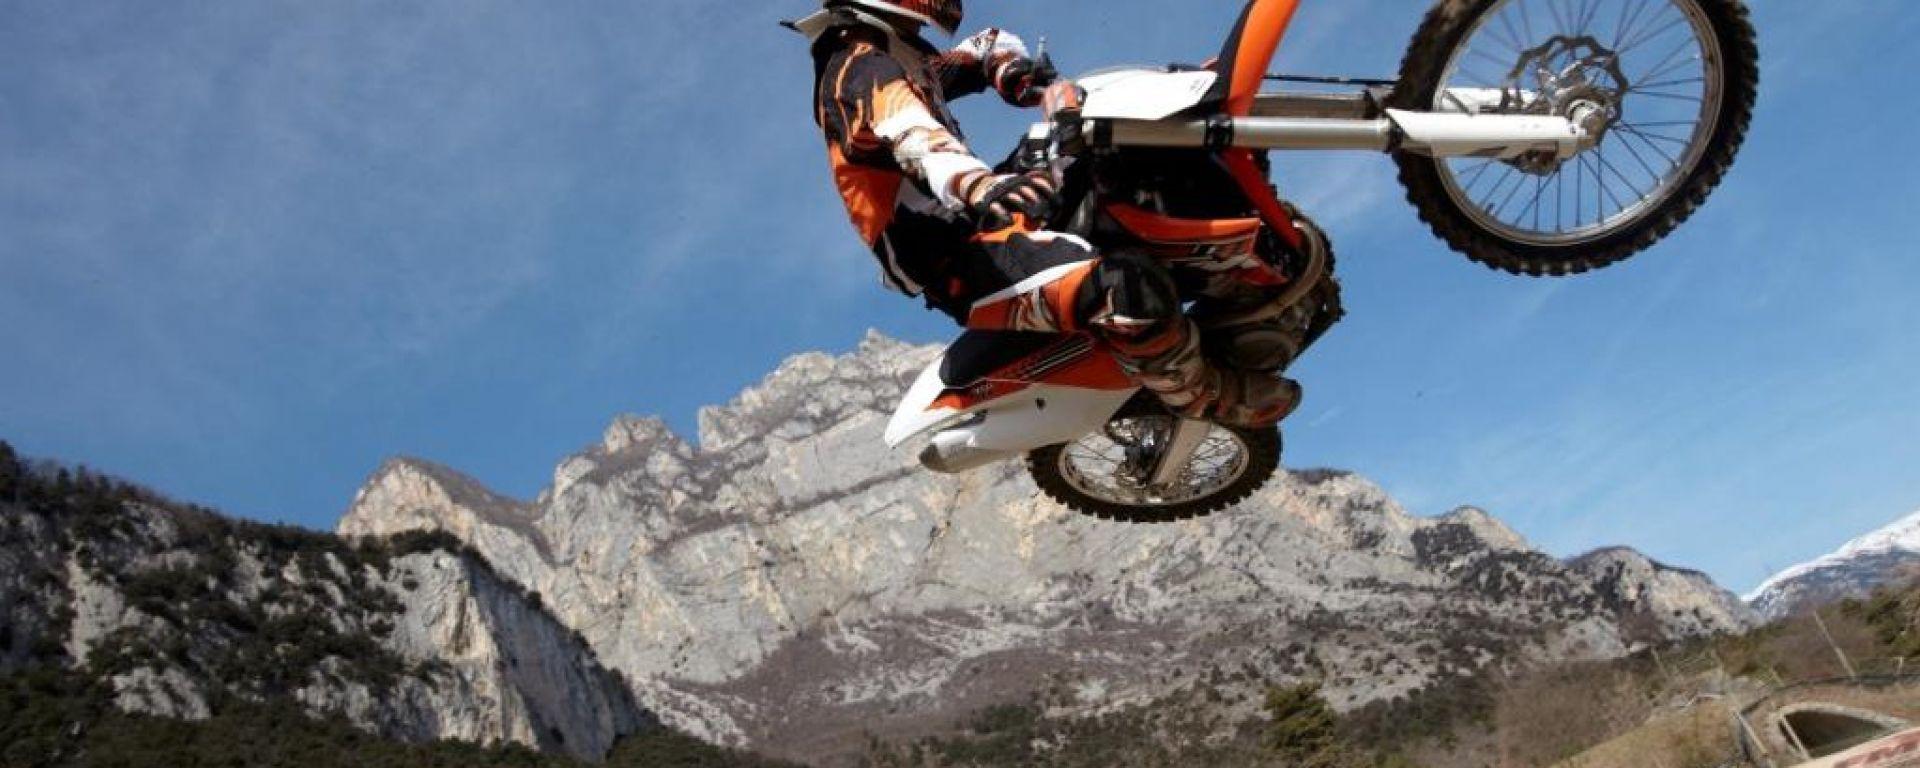 KTM offroad Test Days 2011